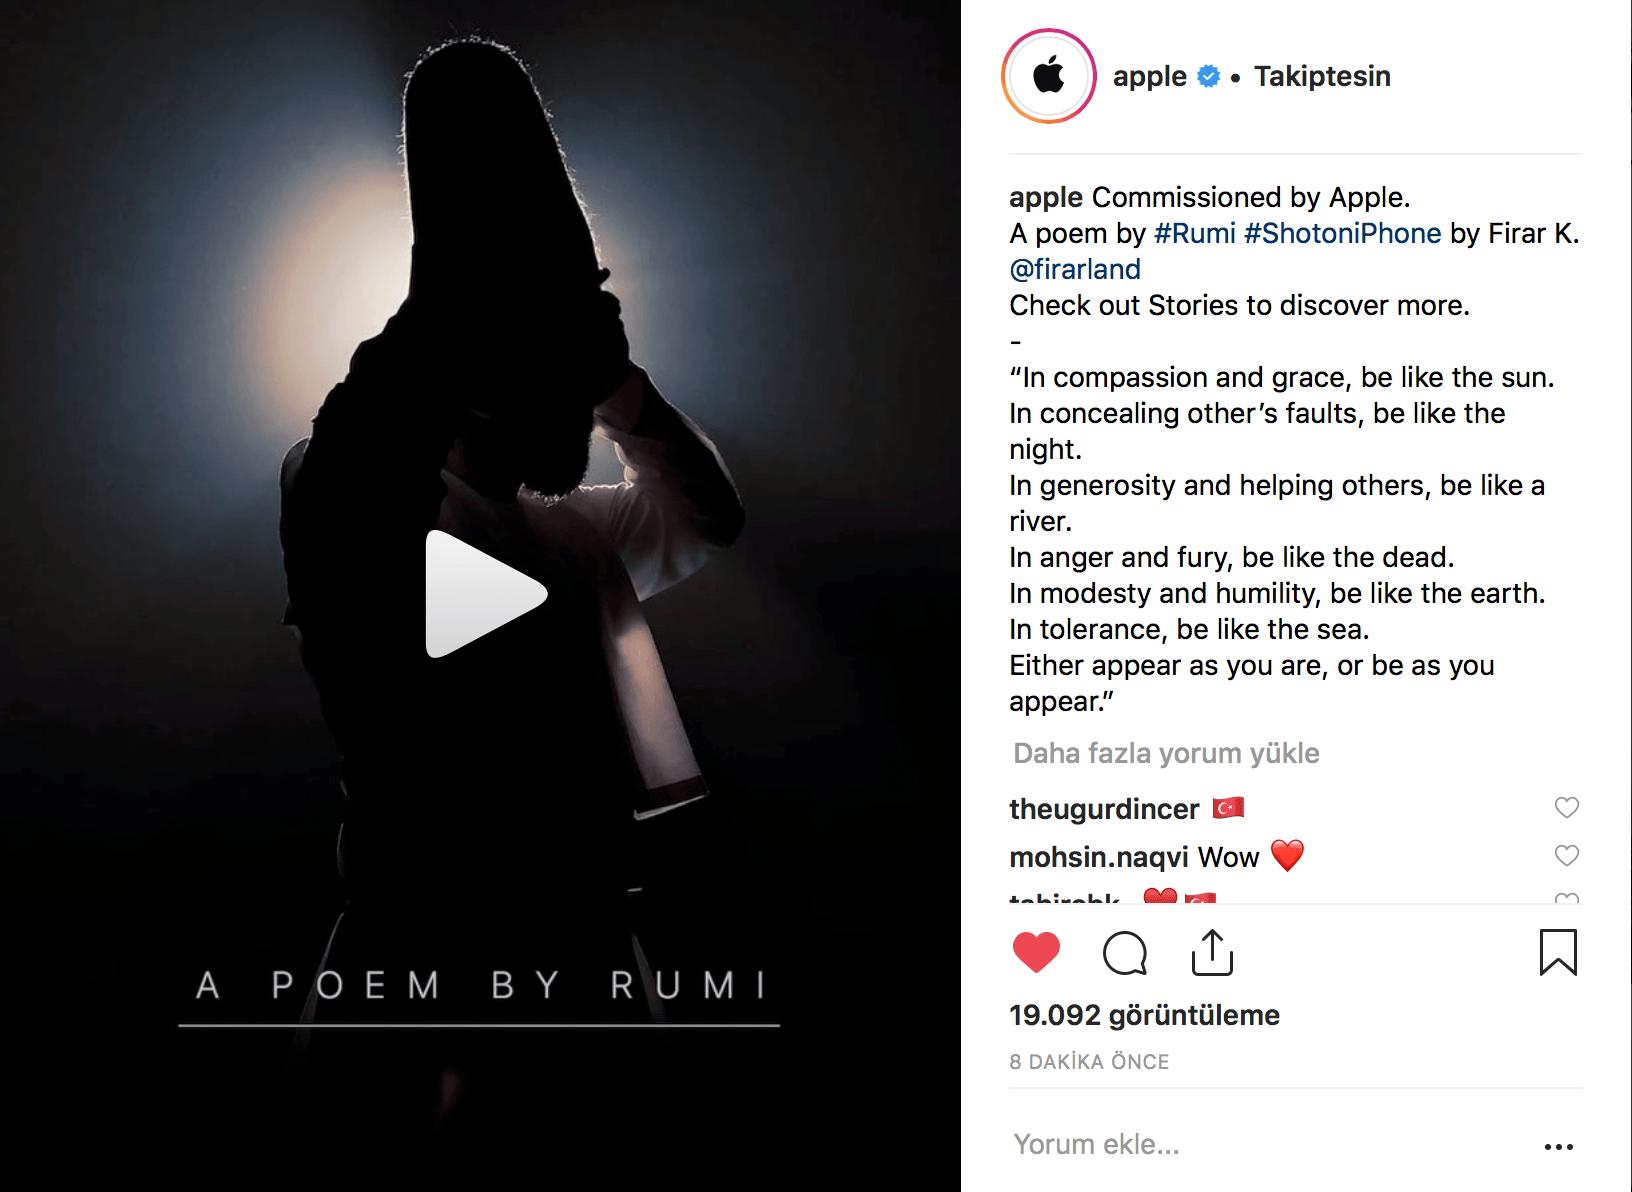 apple instagram mevlana